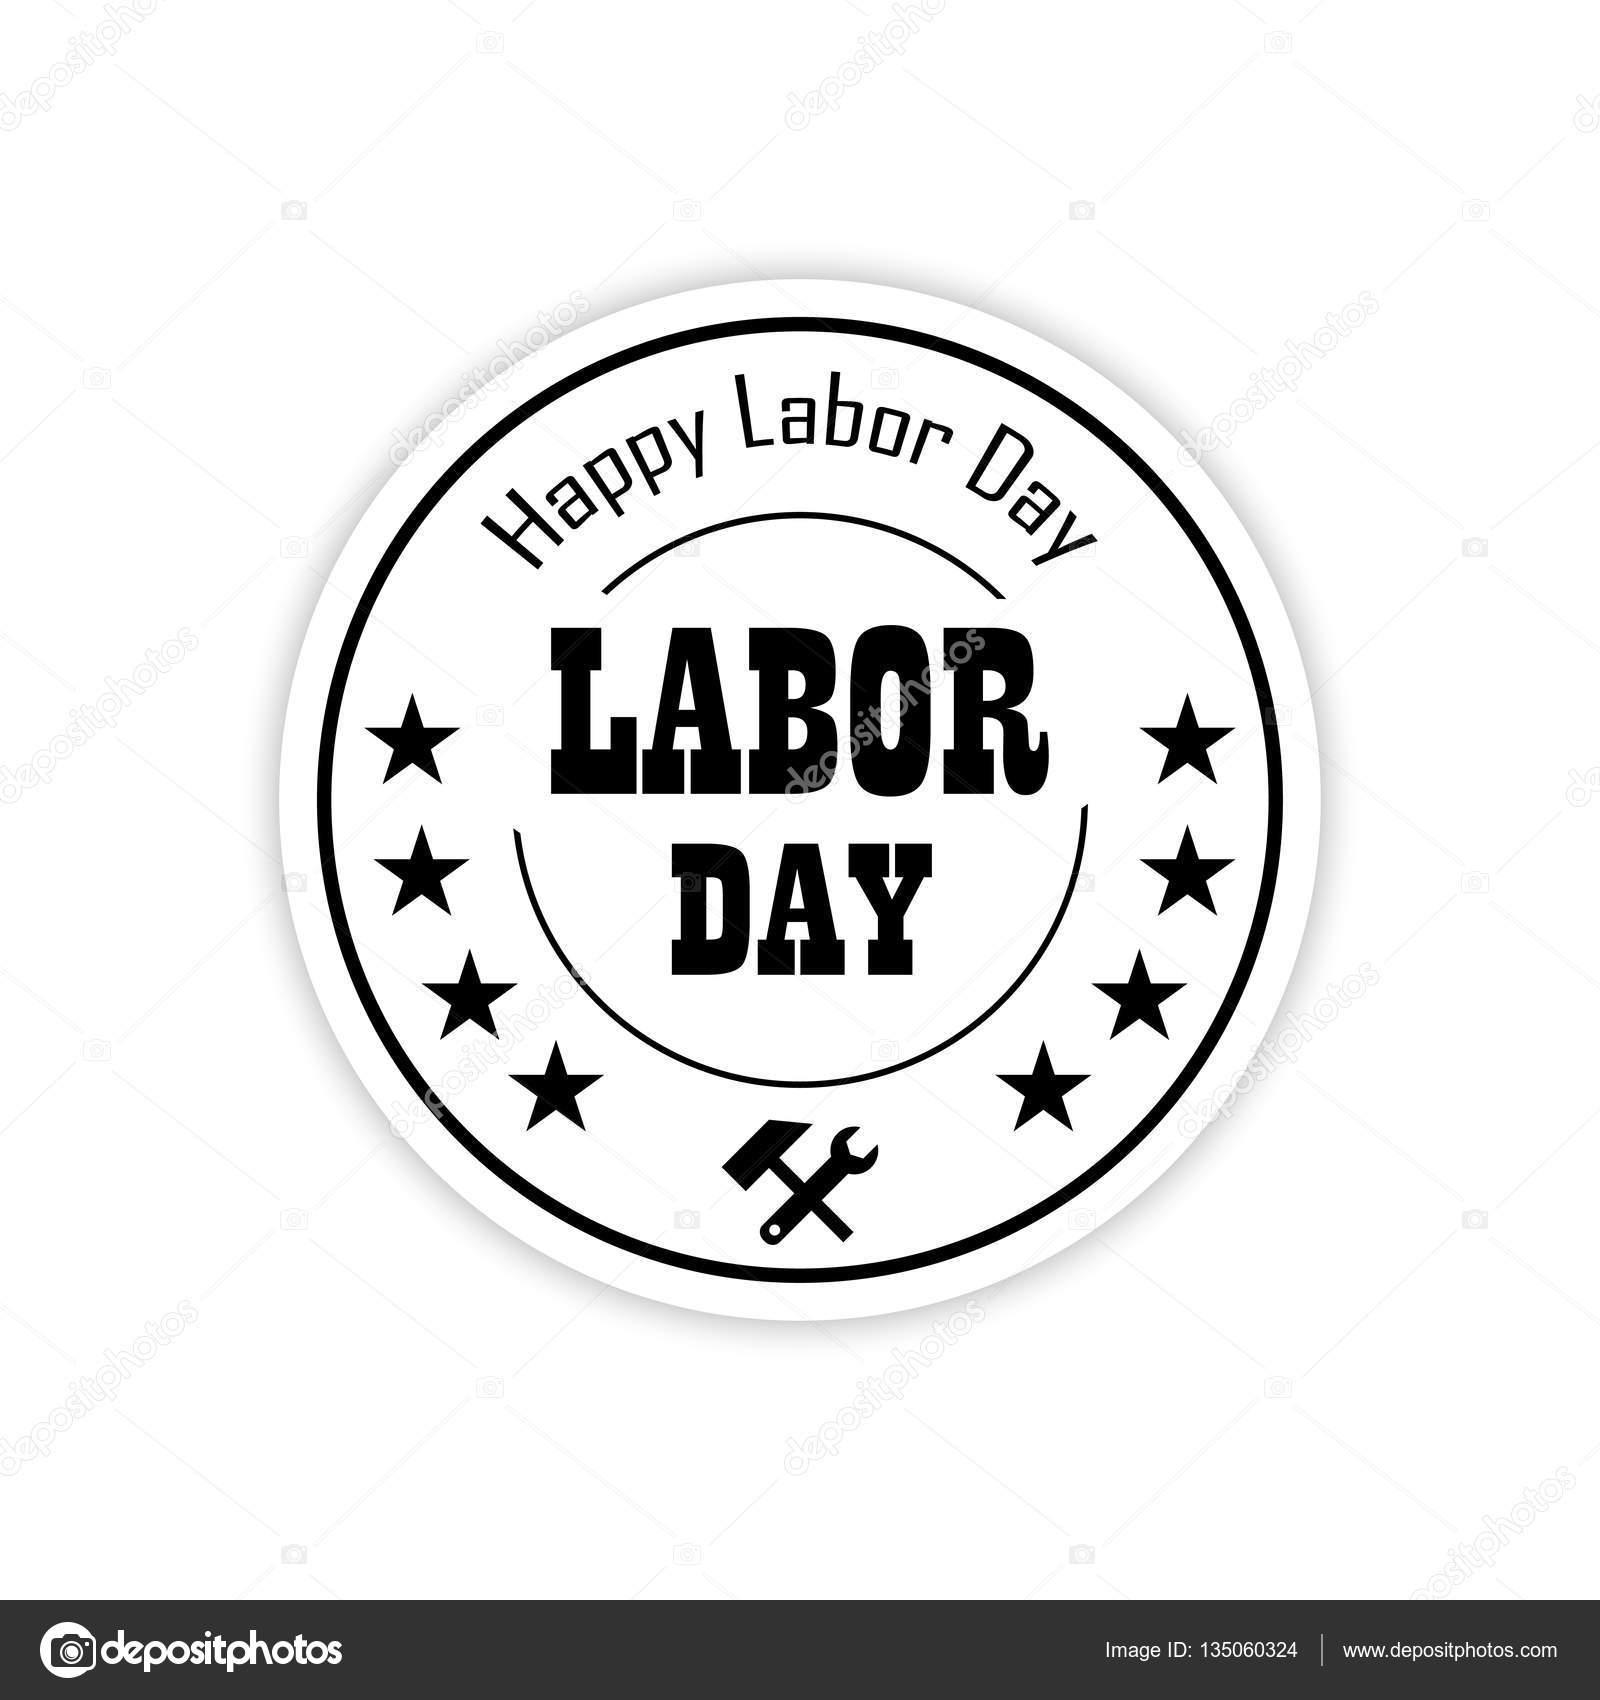 Labor day black and white clipart - Clipartix